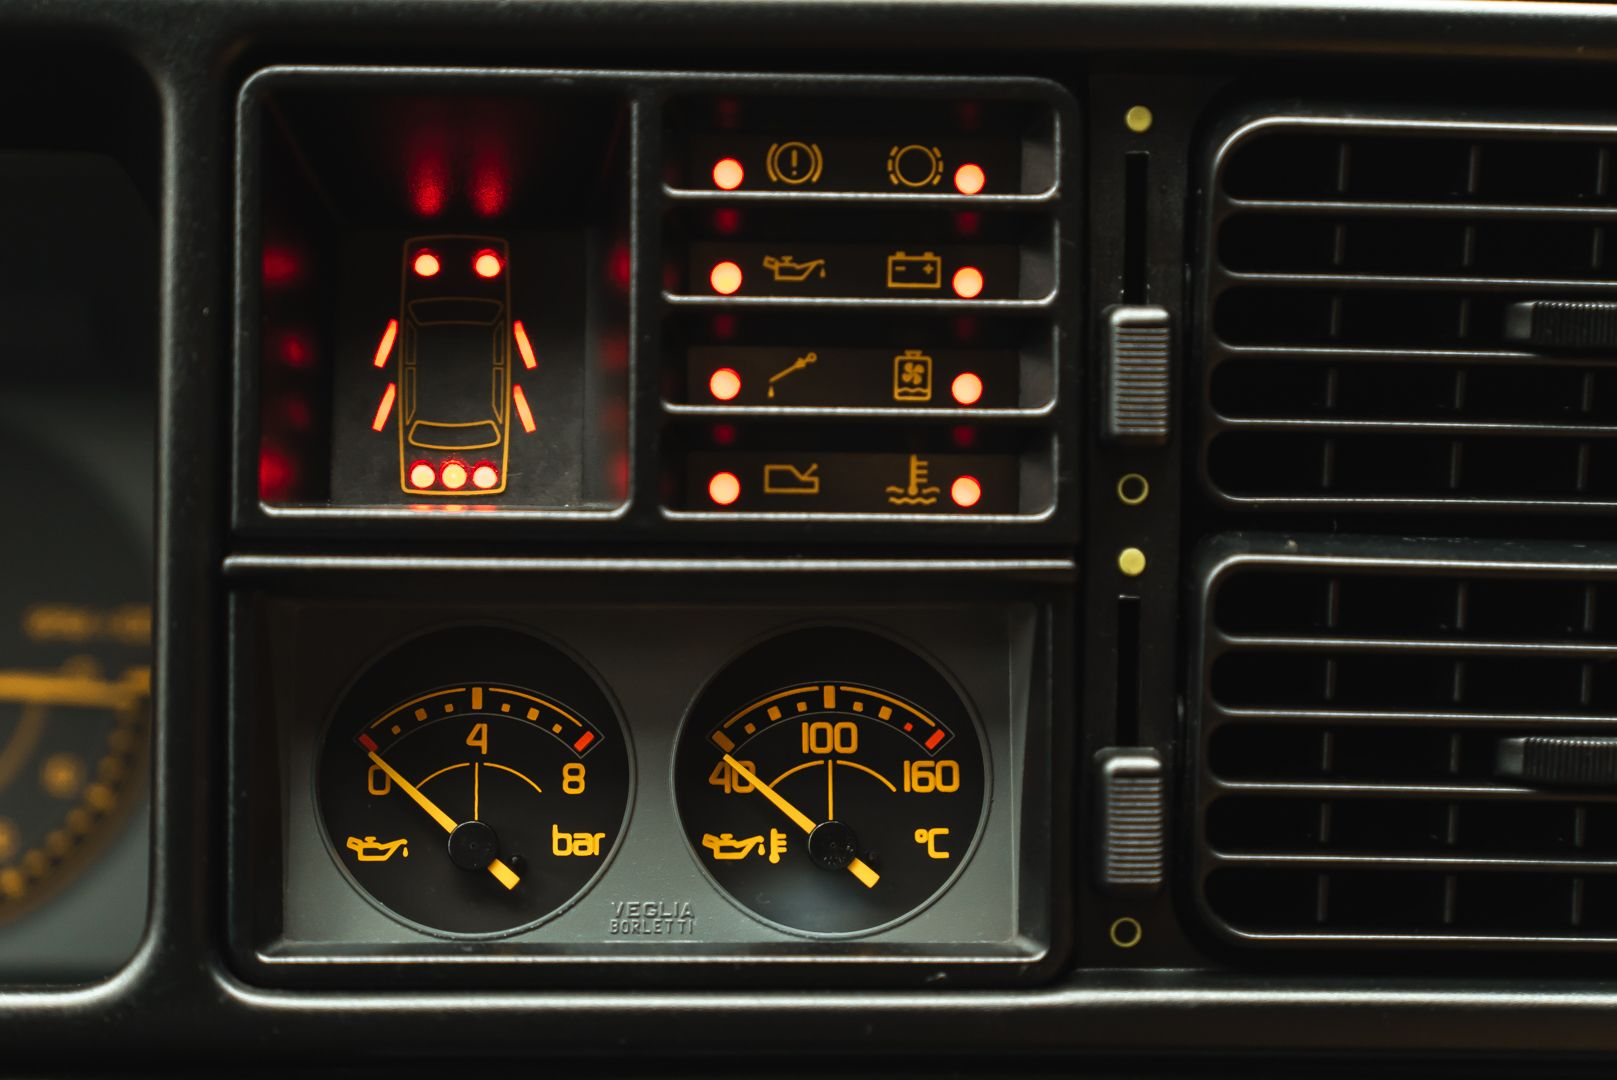 1992 Lancia Delta HF Integrale 16V Evo 1 - 79/250 84839